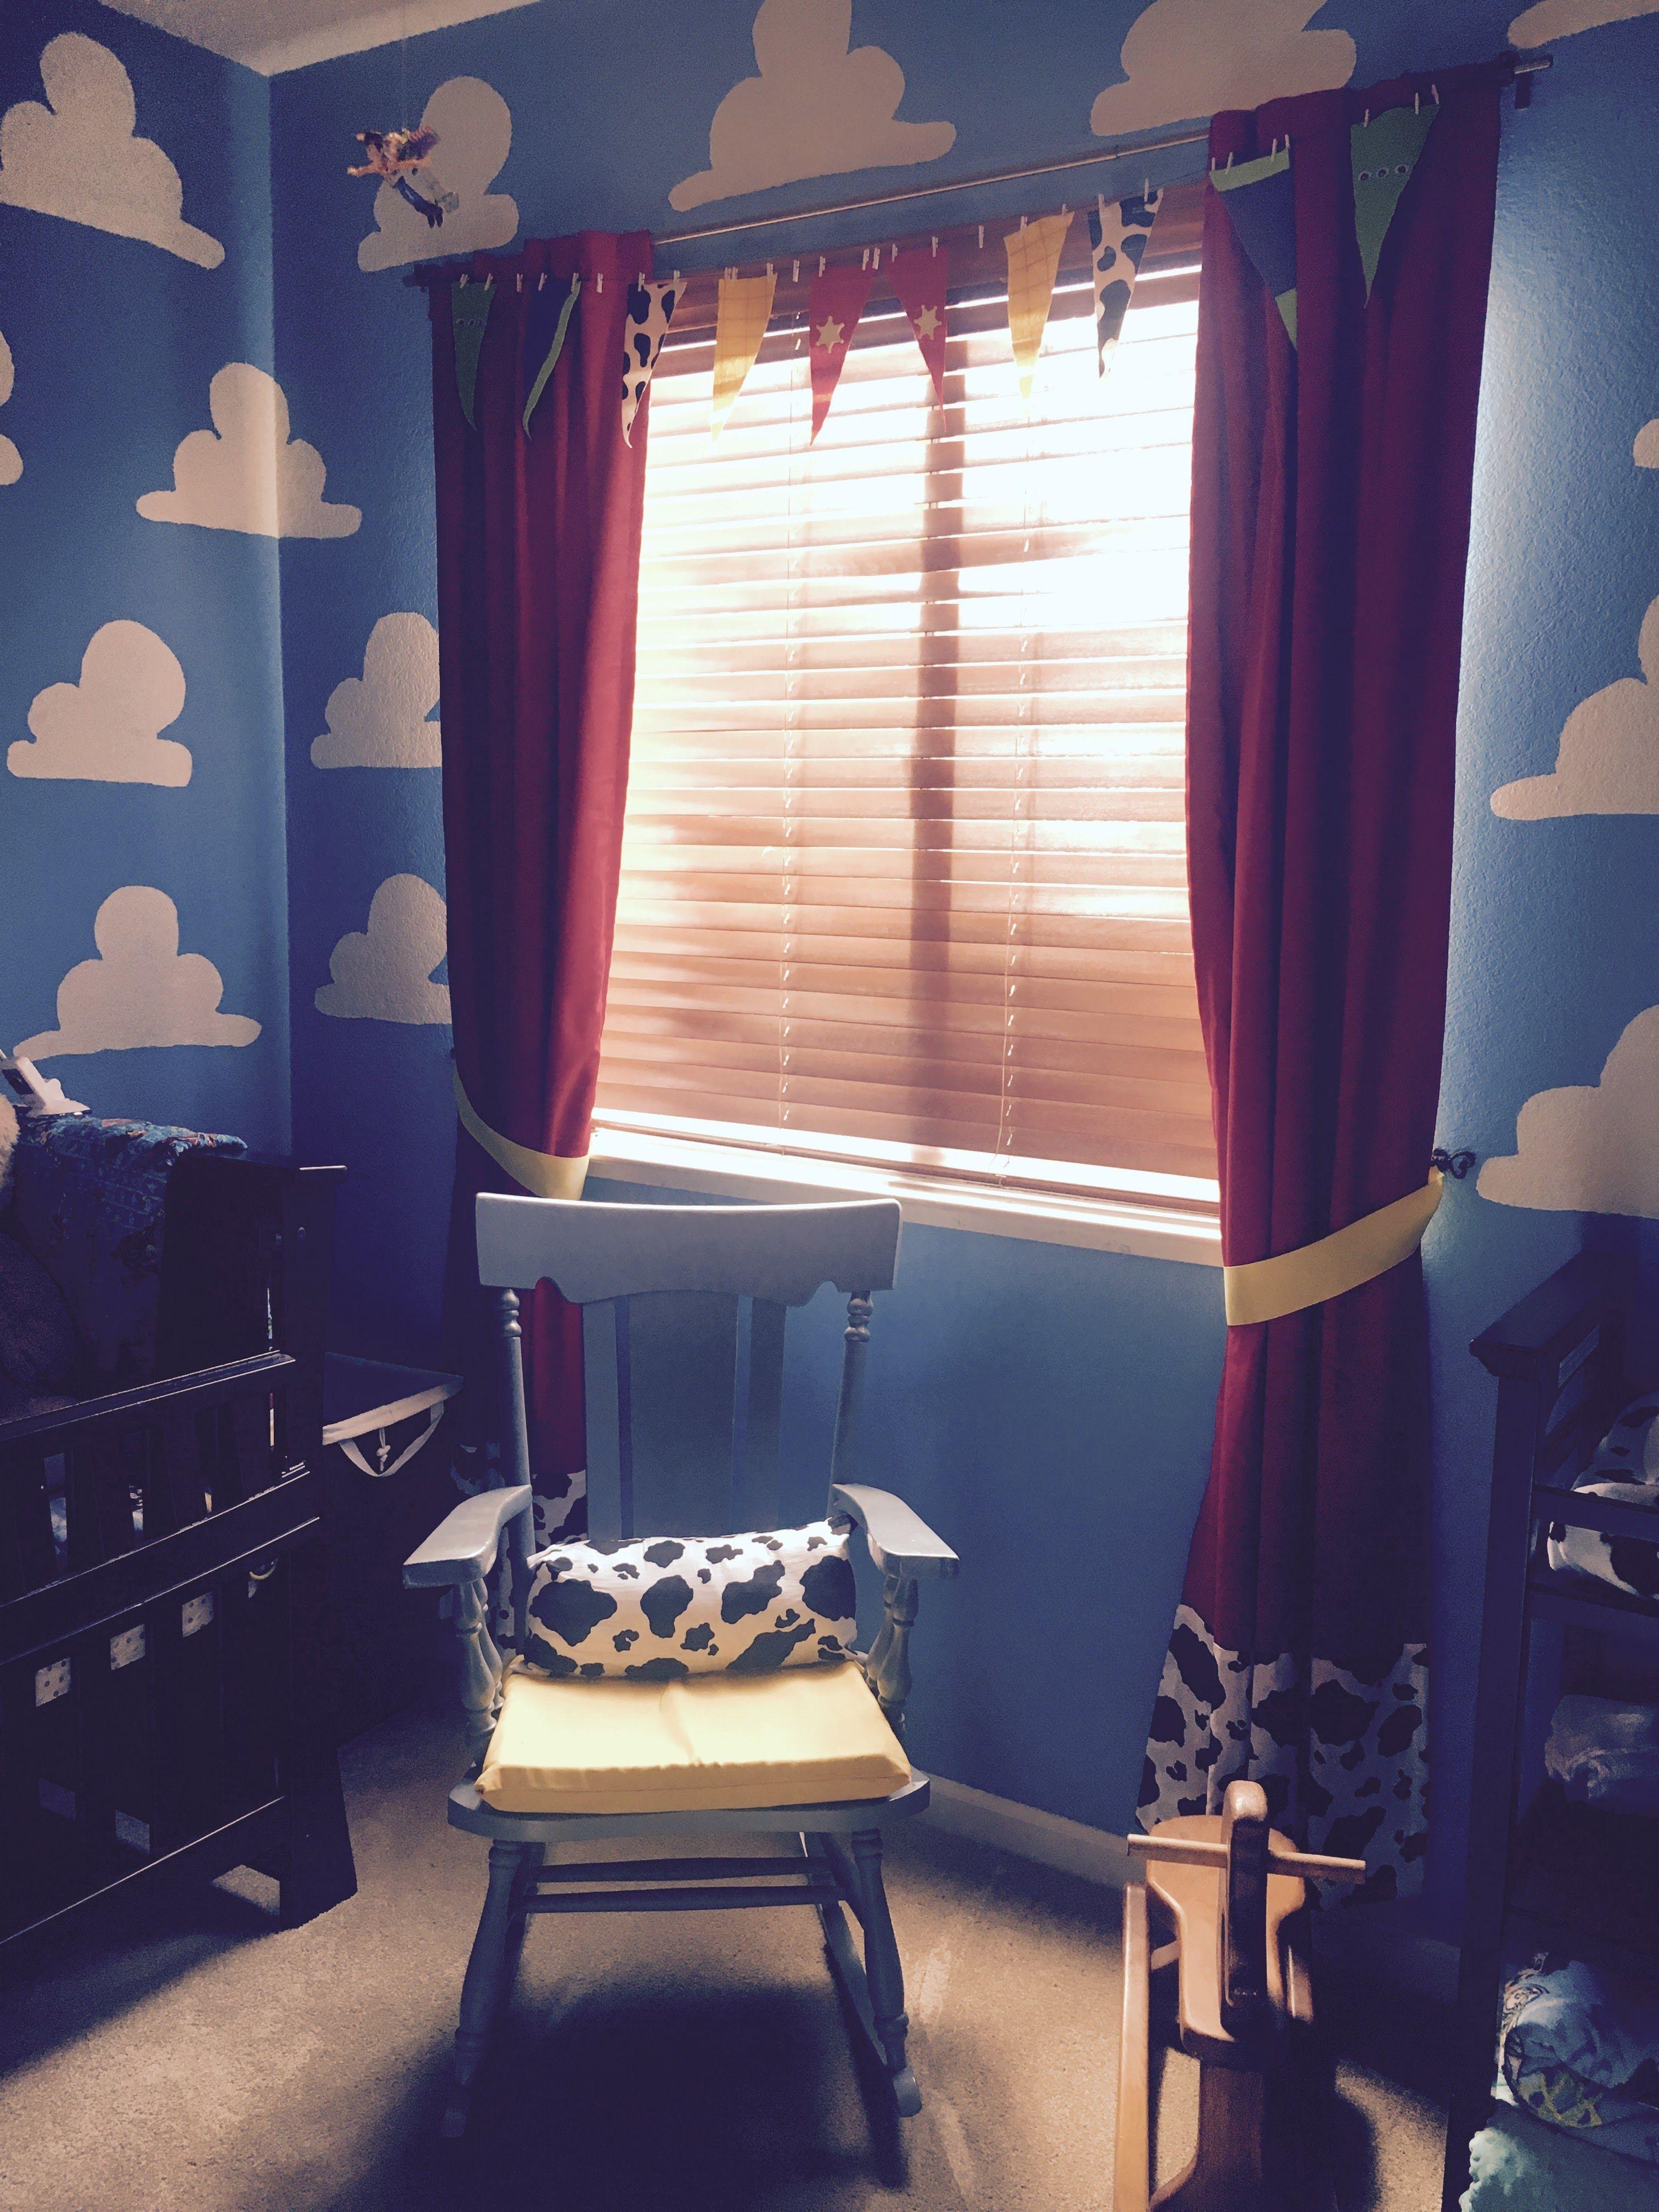 Toy Story Nursery DIY Curtain Kindergarten Jungen, Baby Jungenzimmer,  Kinderzimmer Für Jungs, Kinderzimmer